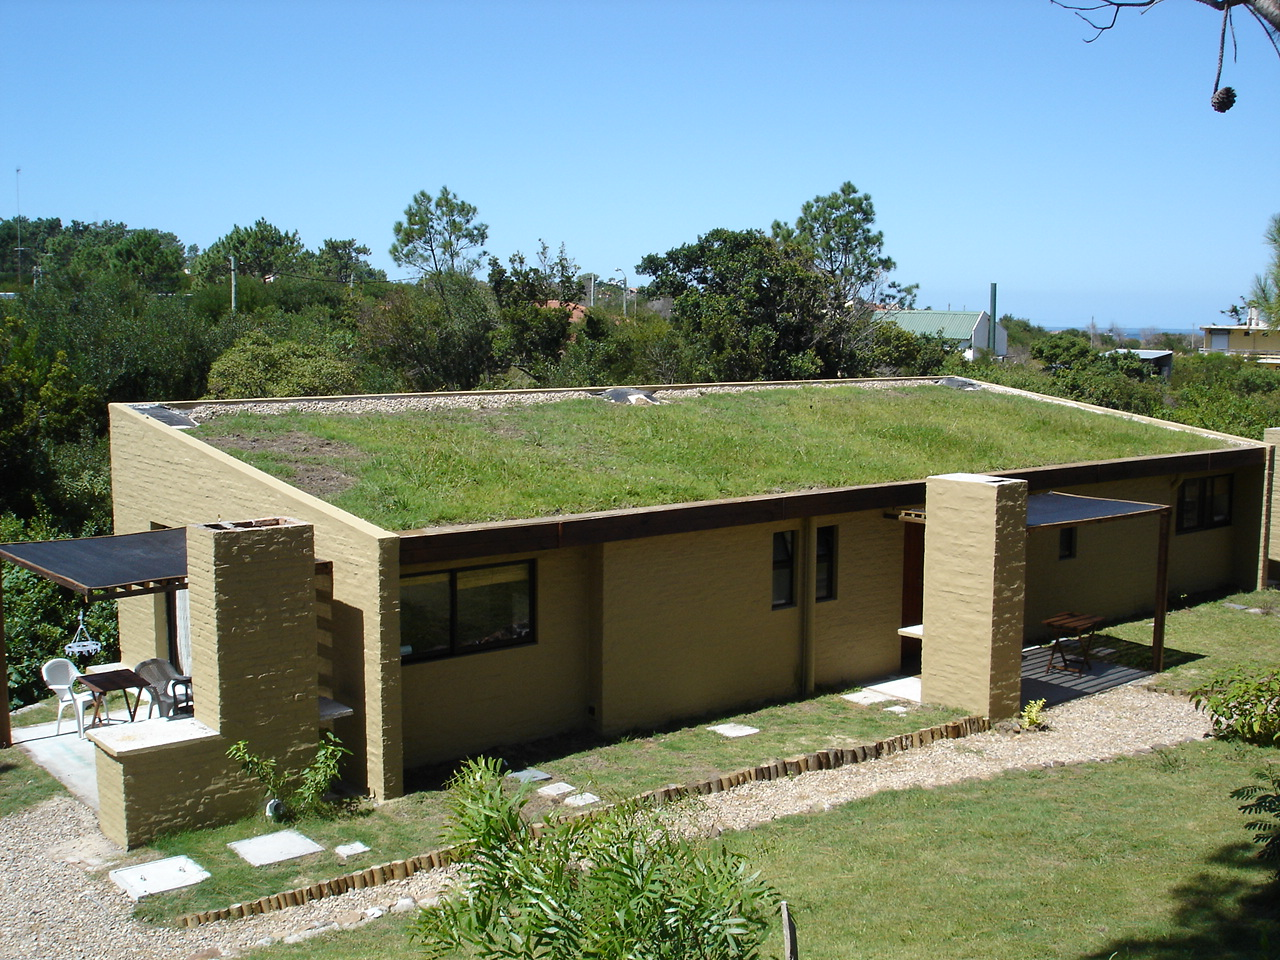 Arquitectura directa sustentabilidad ecolog a y - Techos ligeros para casas ...